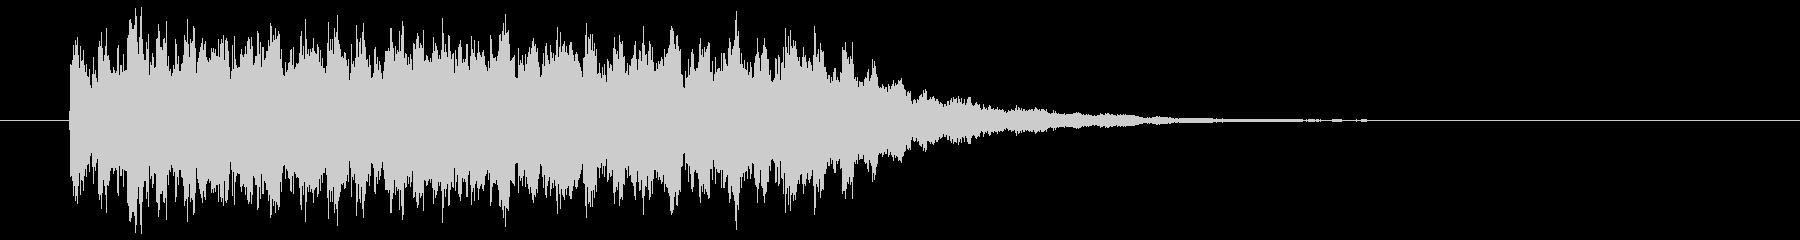 キラキラ(かわいい電子音)ロングver.の未再生の波形